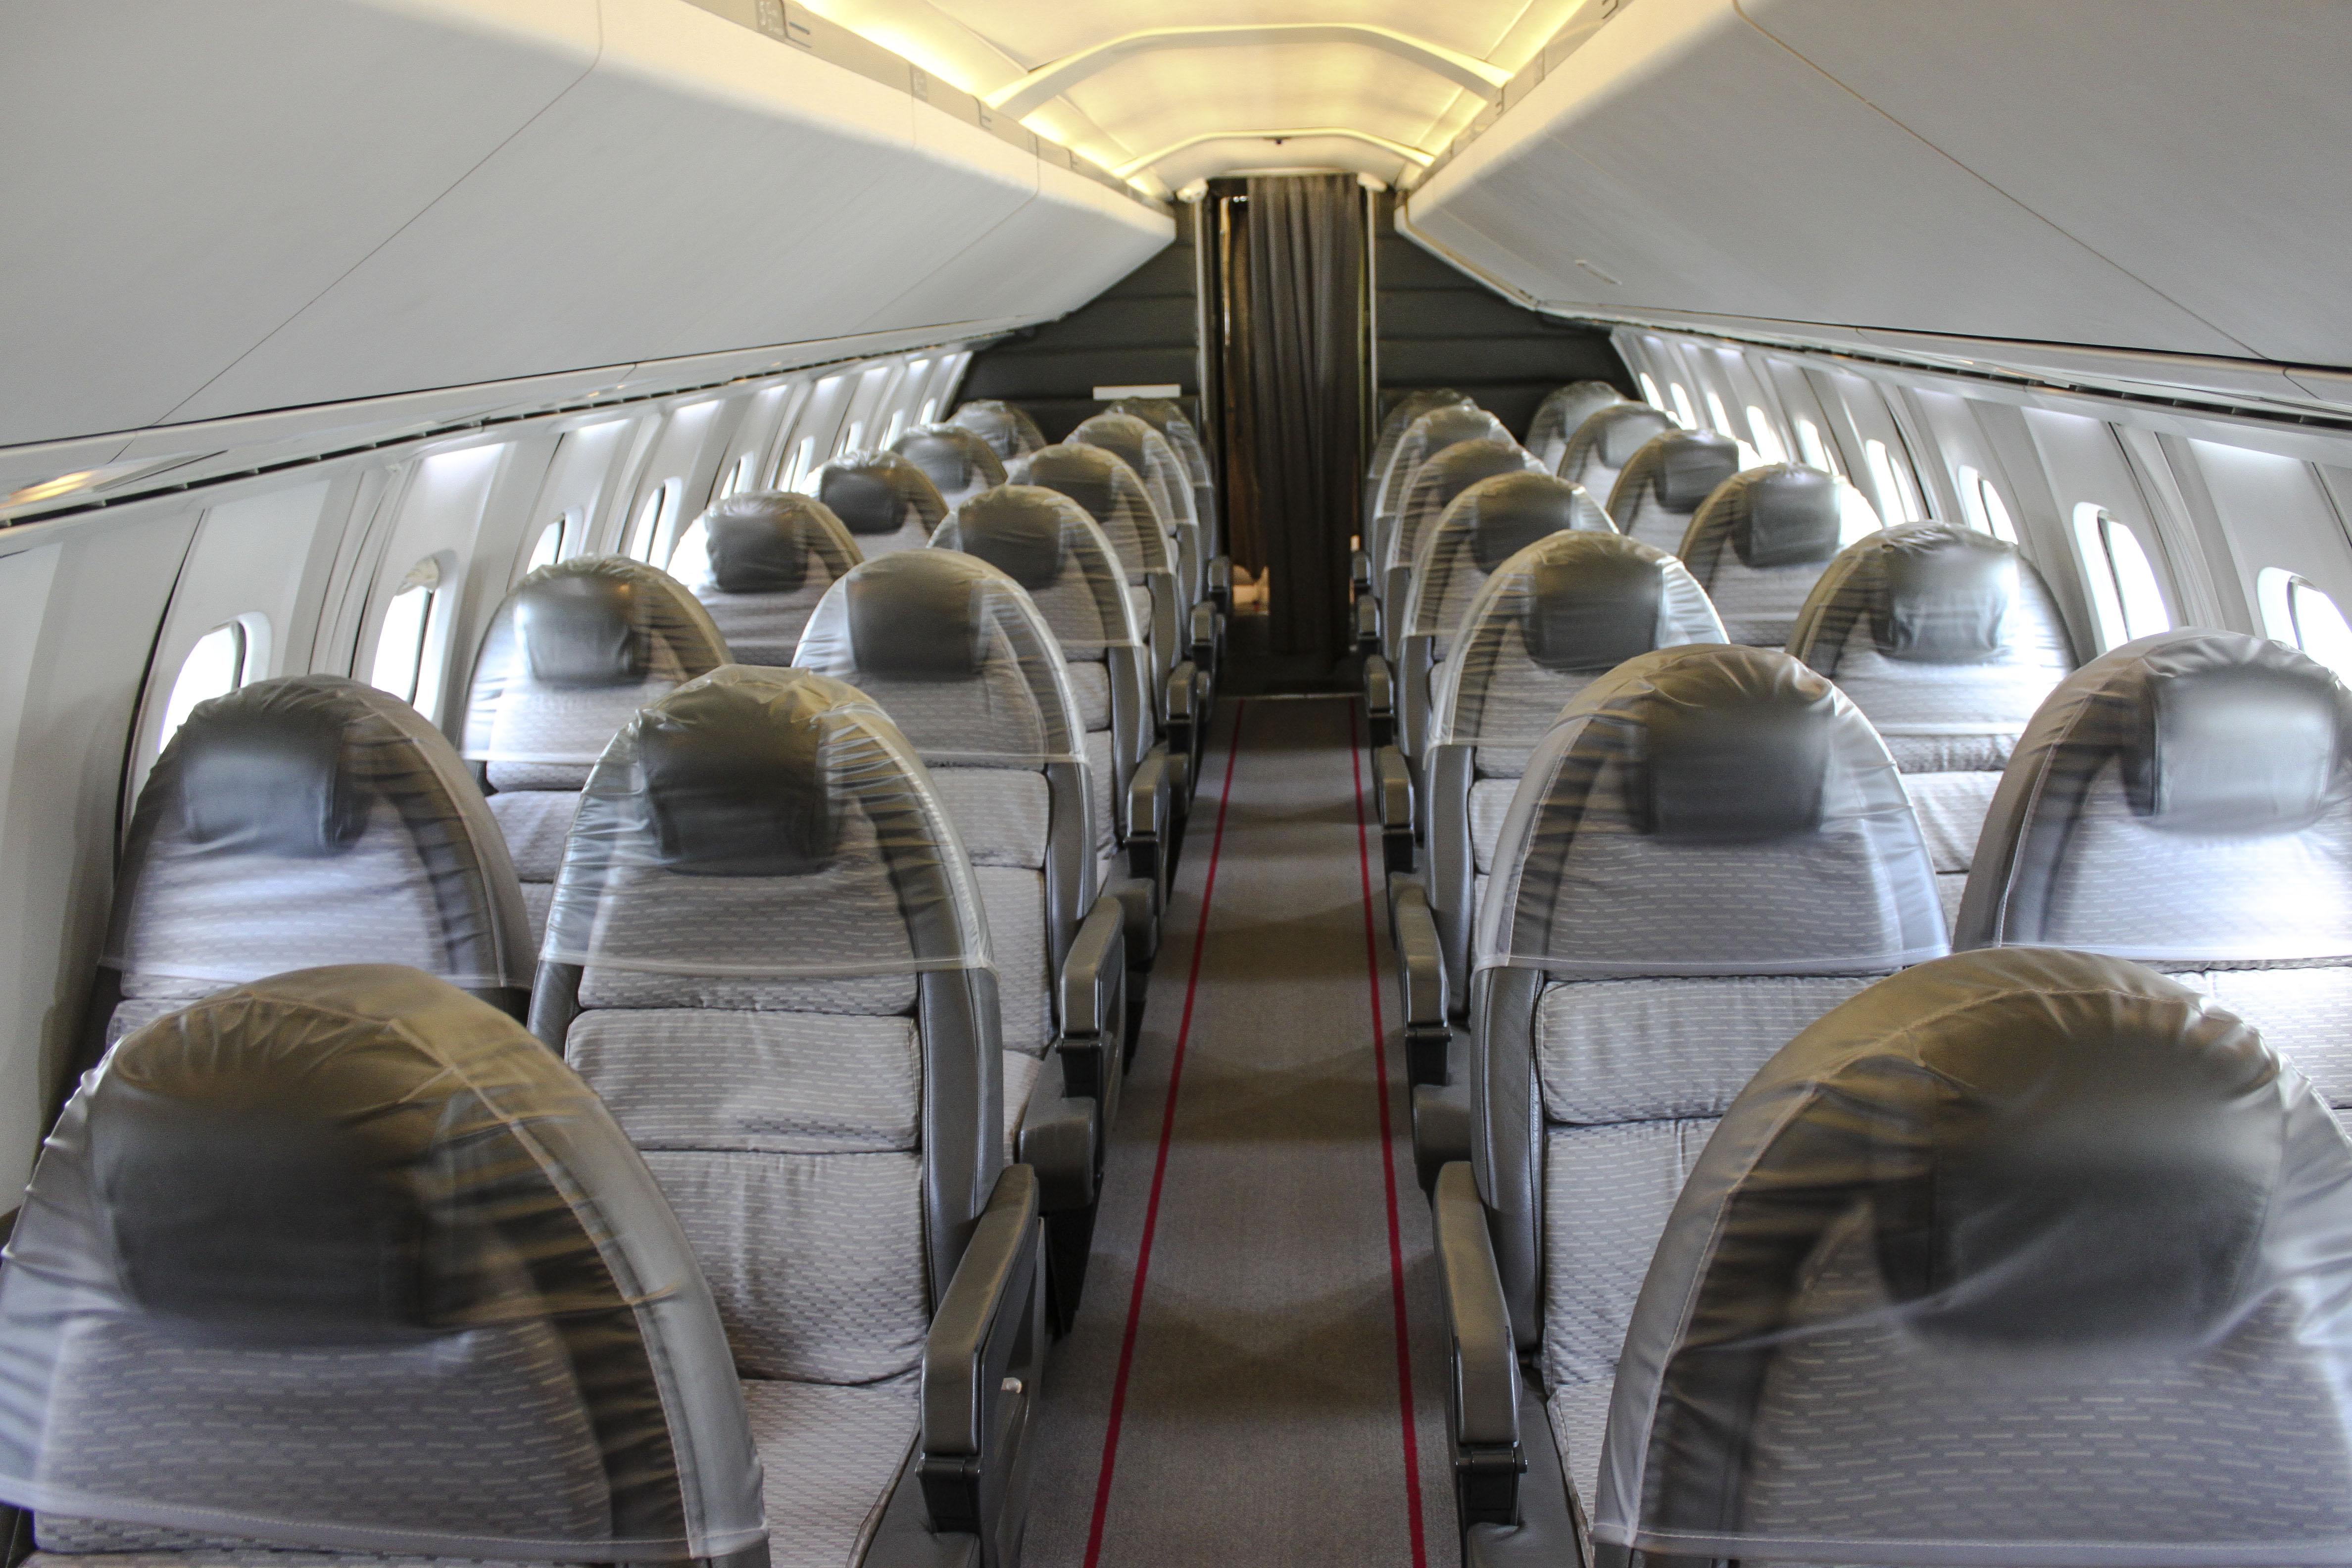 File:Concorde Cabin Interior